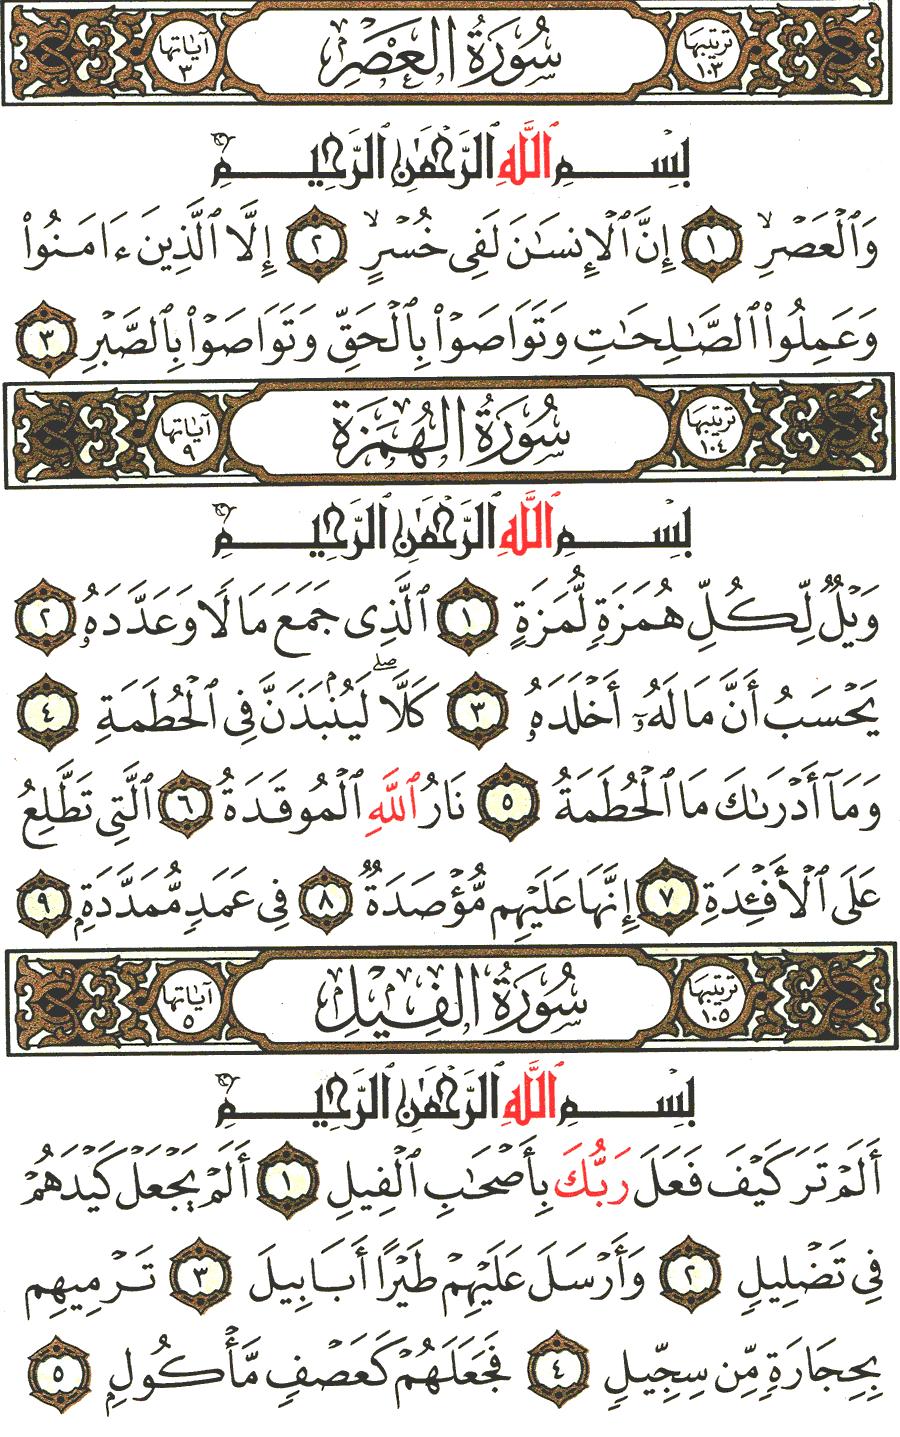 الصفحة رقم 601 من القرآن الكريم مكتوبة من المصحف